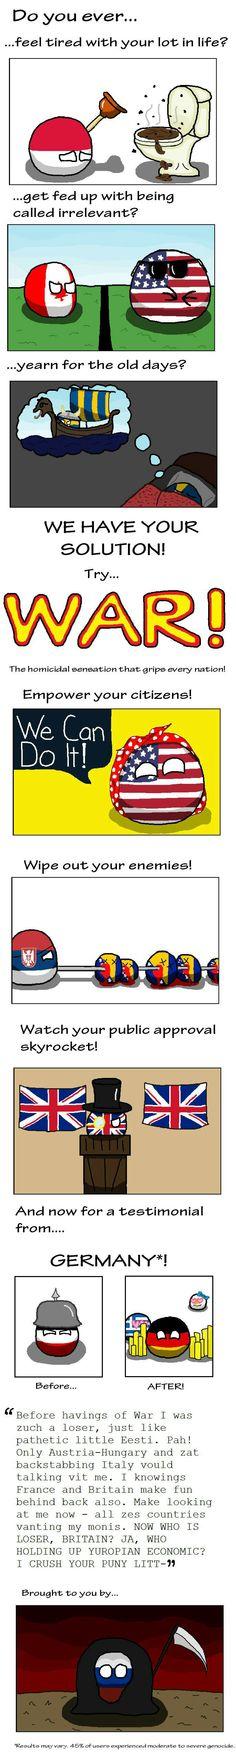 War, war never gets boring!